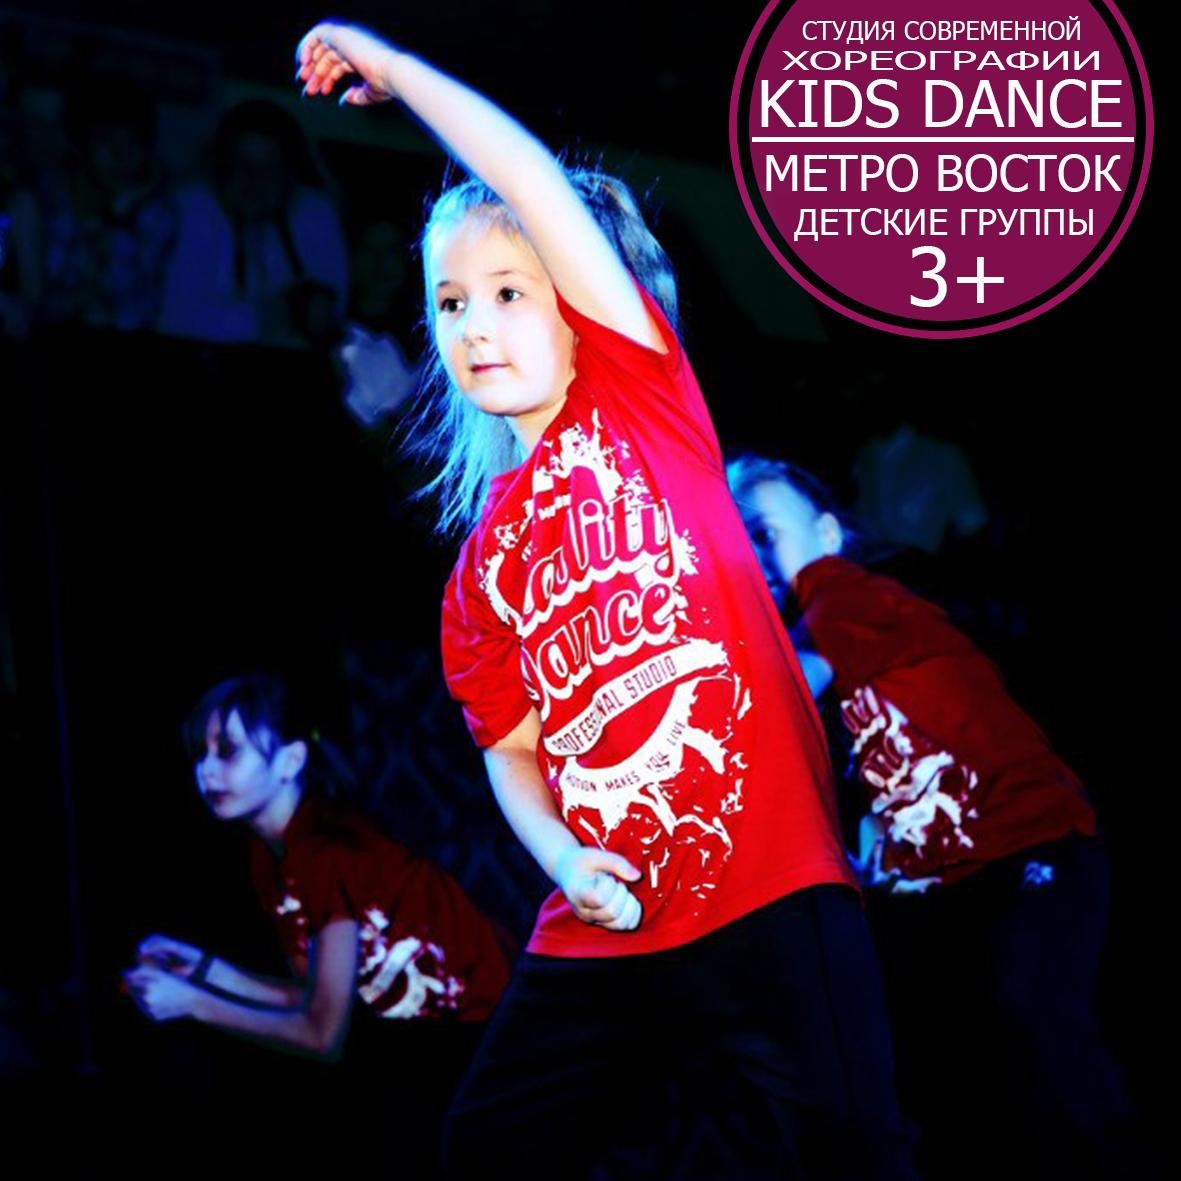 танцы для детей с 3 лет